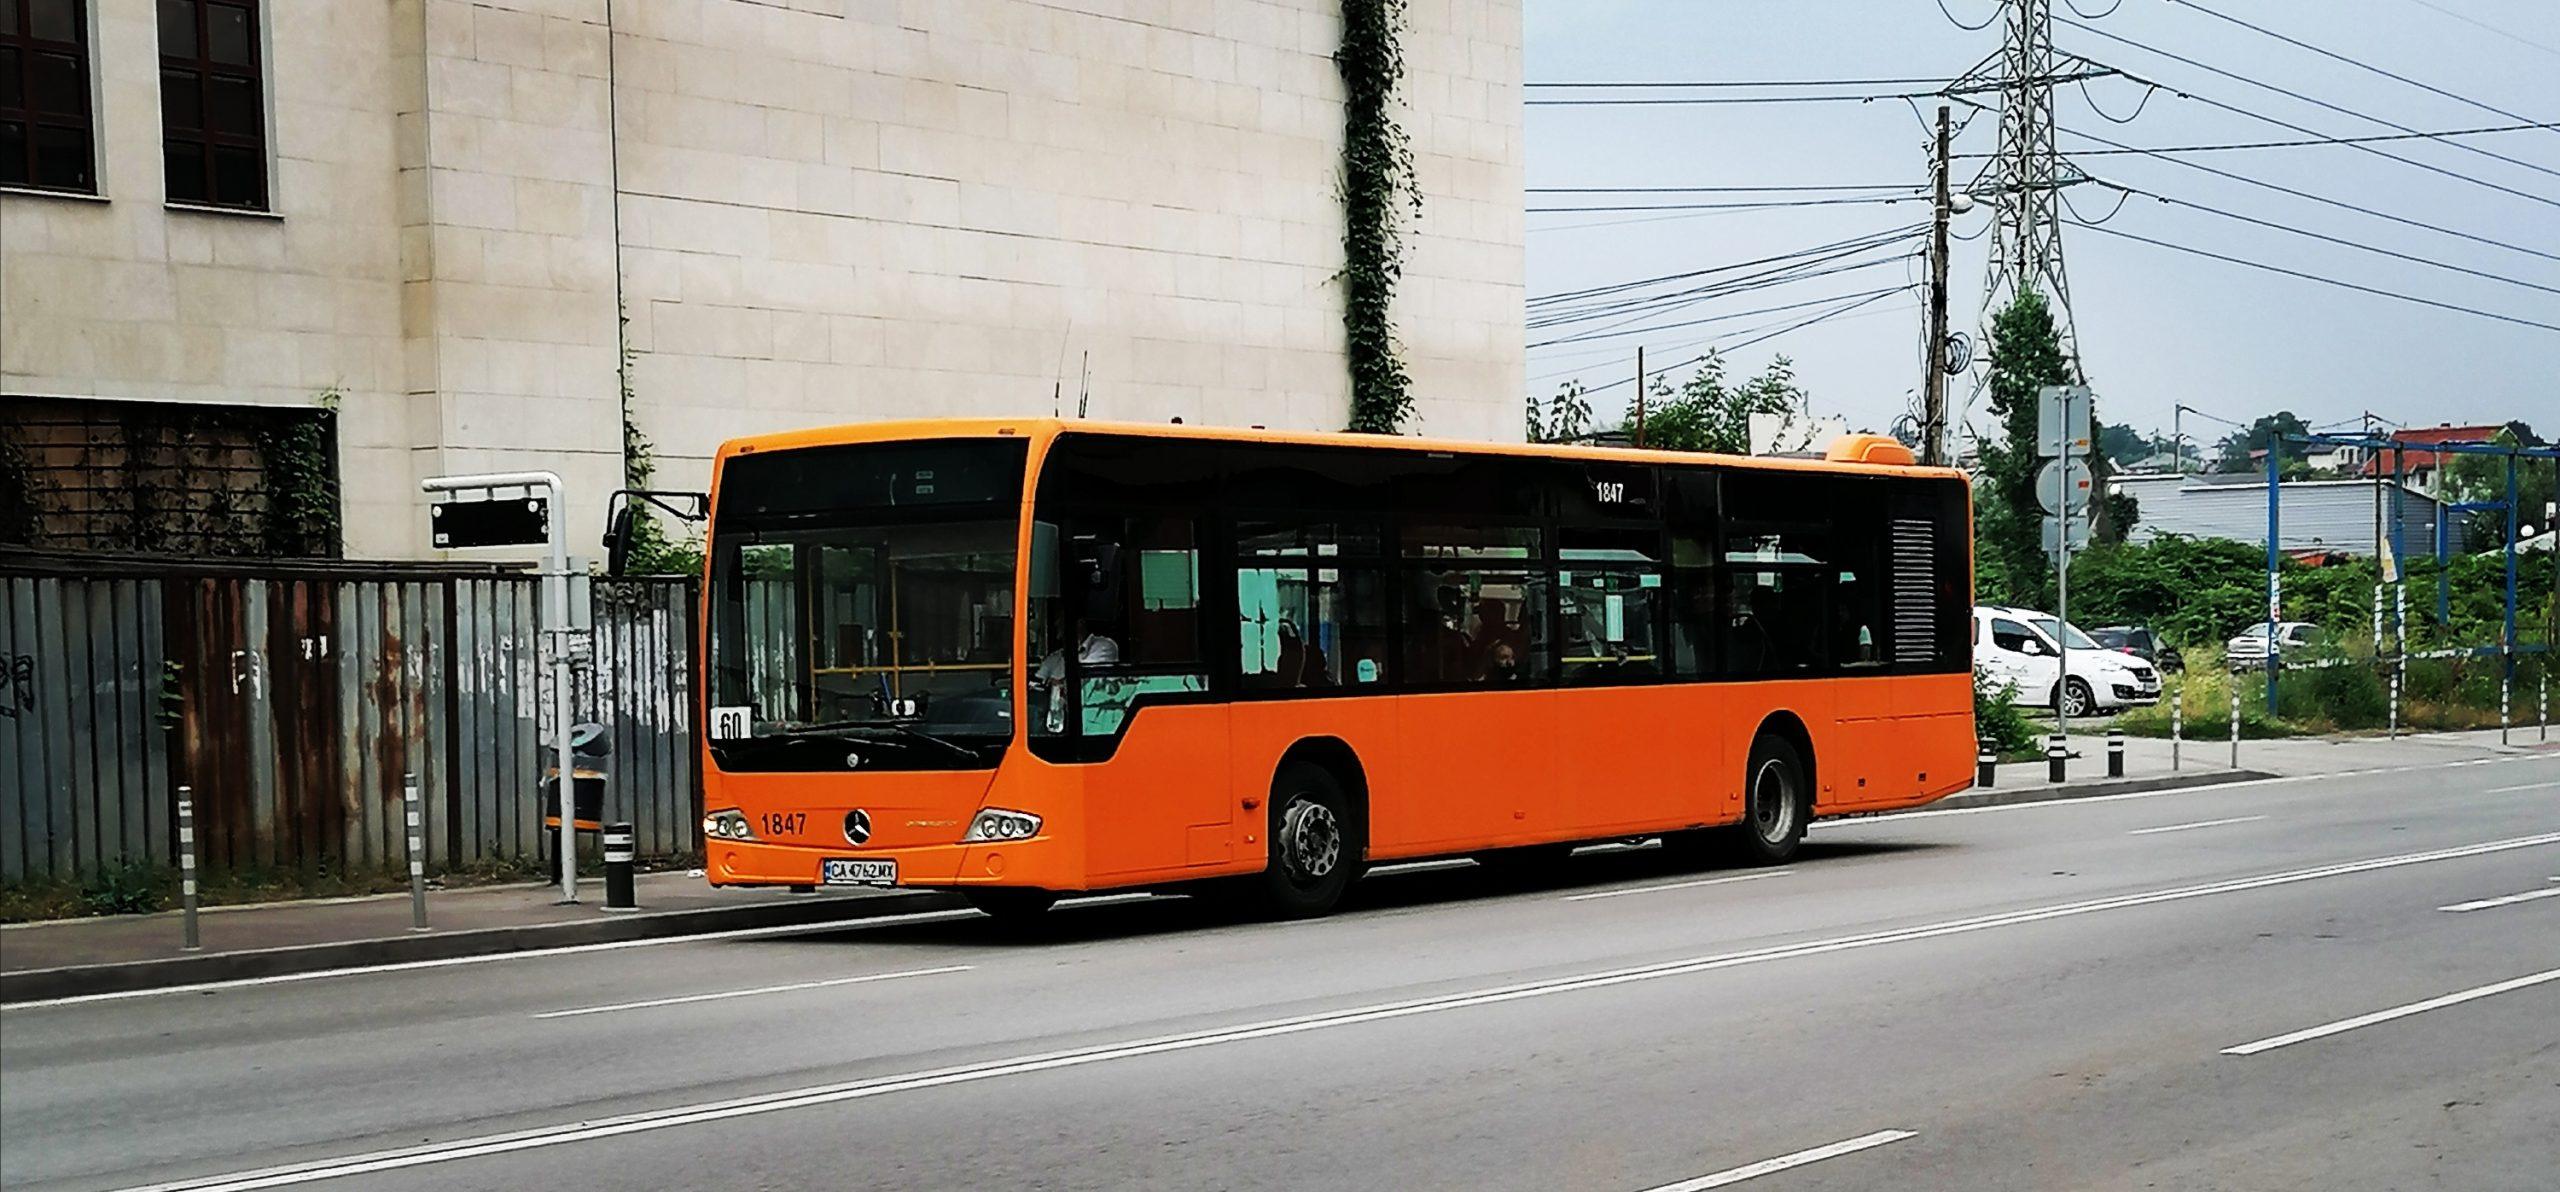 София: През уикенда линии 113 и 213 с промяна в маршрутите